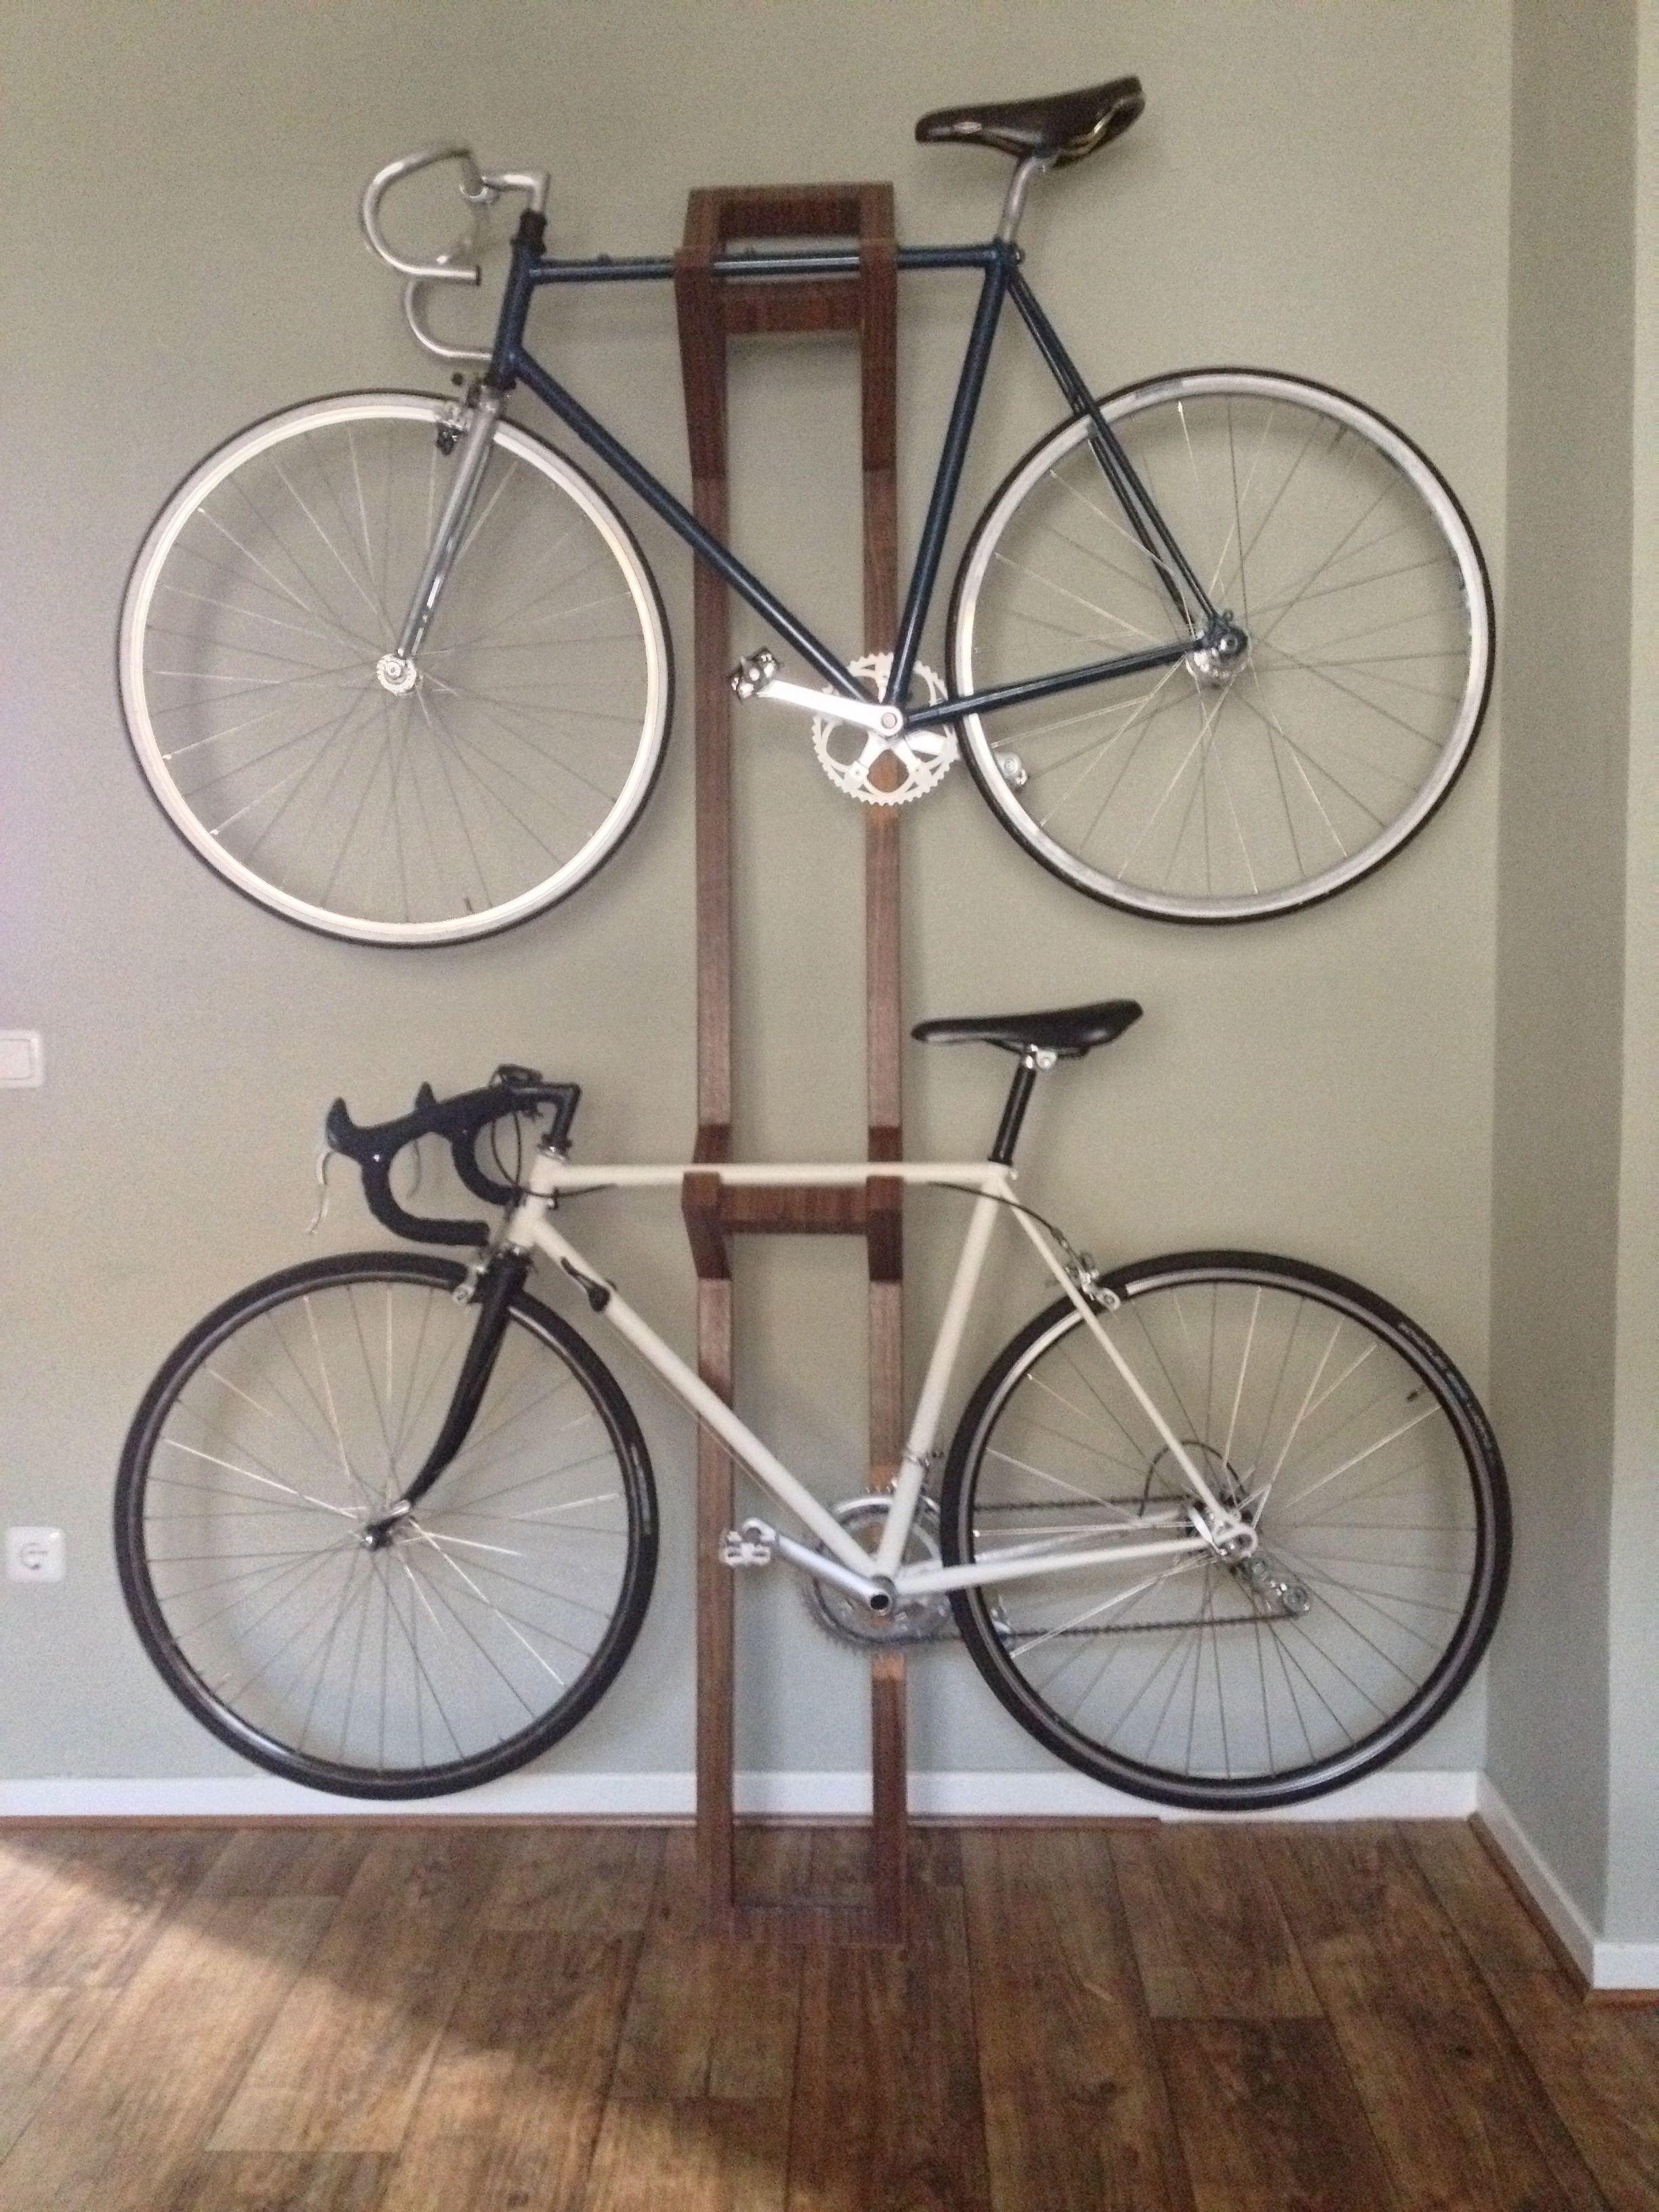 Handmade Bike Hanger Ii Bike Hanger Diy Bike Rack Bike Storage